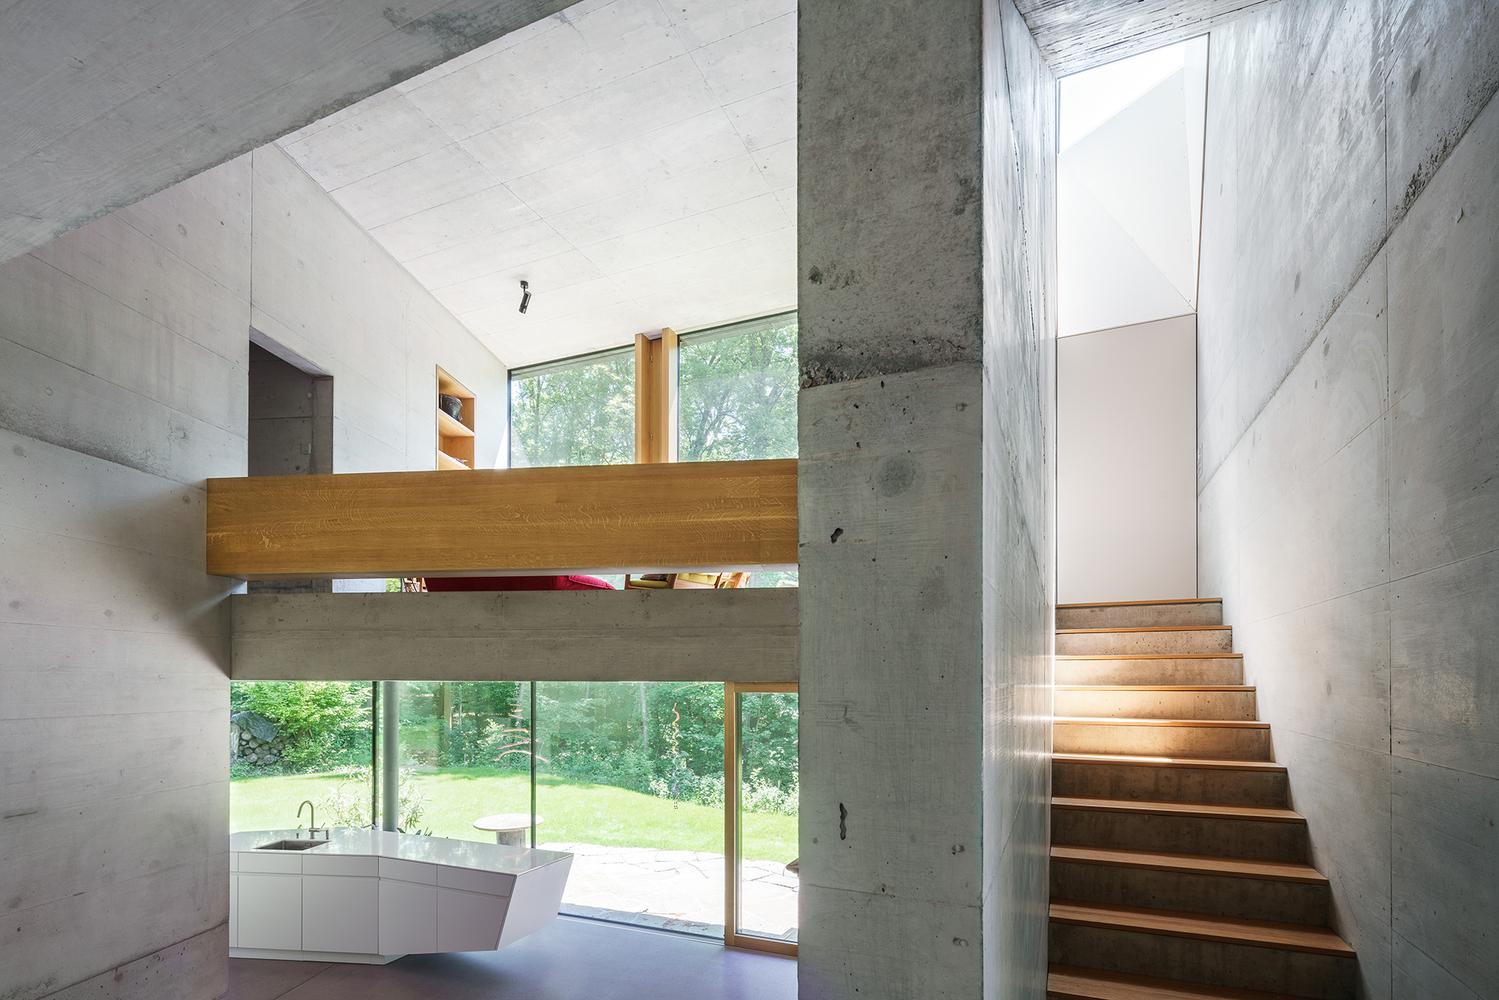 6_Casa Forest_Daluz Gonzalez Architekten_Inspirationist